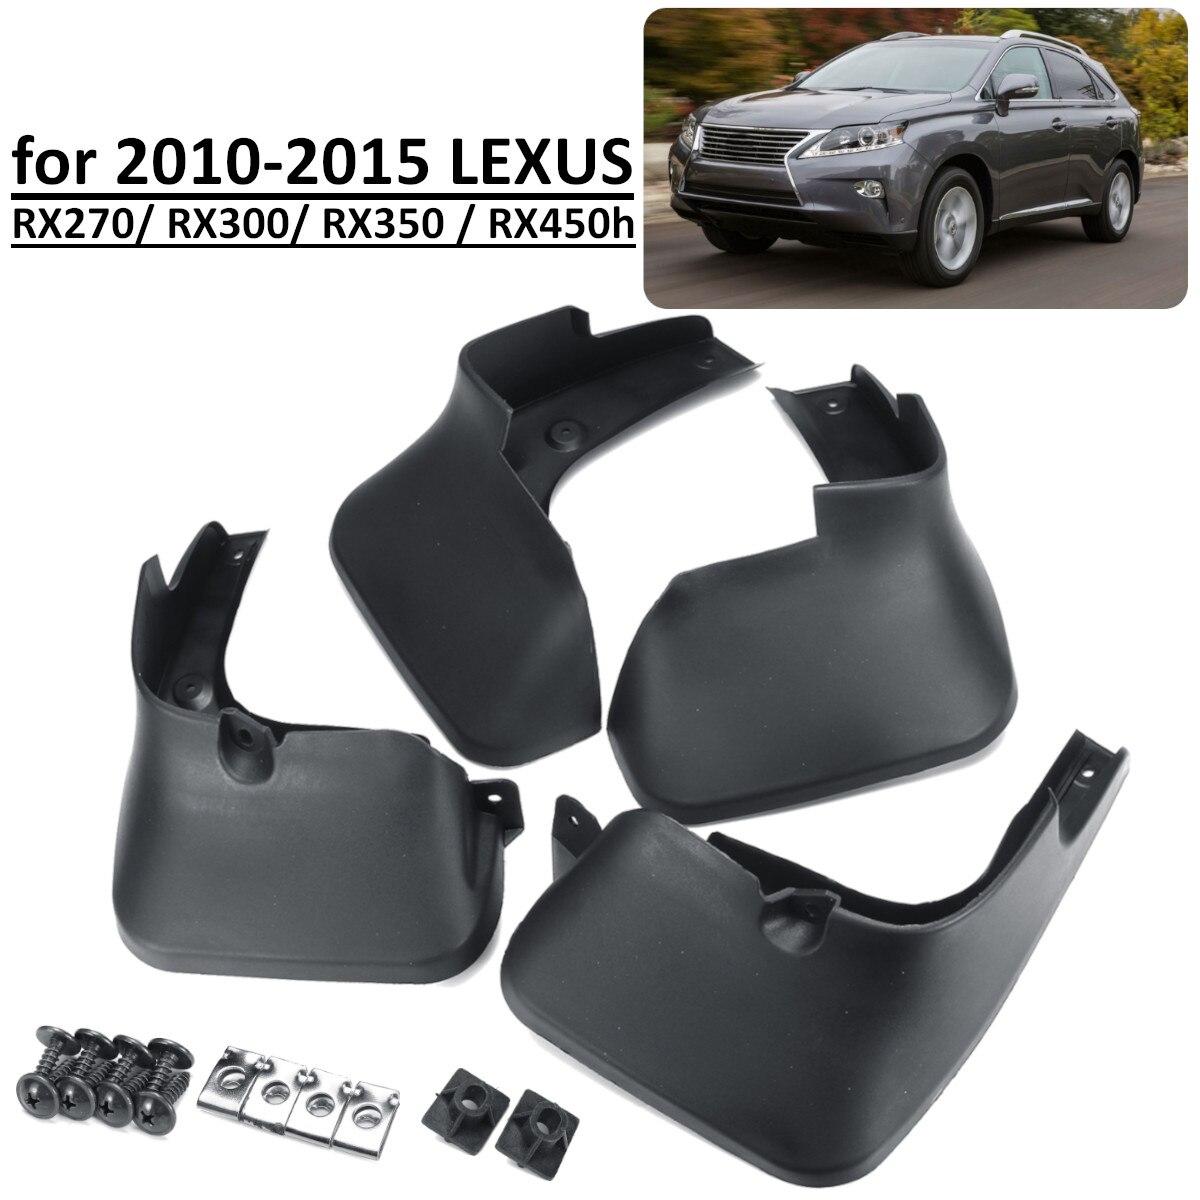 렉서스 rx rx270 rx300 rx350 rx450h 용 자동차 머드 플랩 2010-2015 스플래쉬 가드 머드 플랩 머드 가드 액세서리